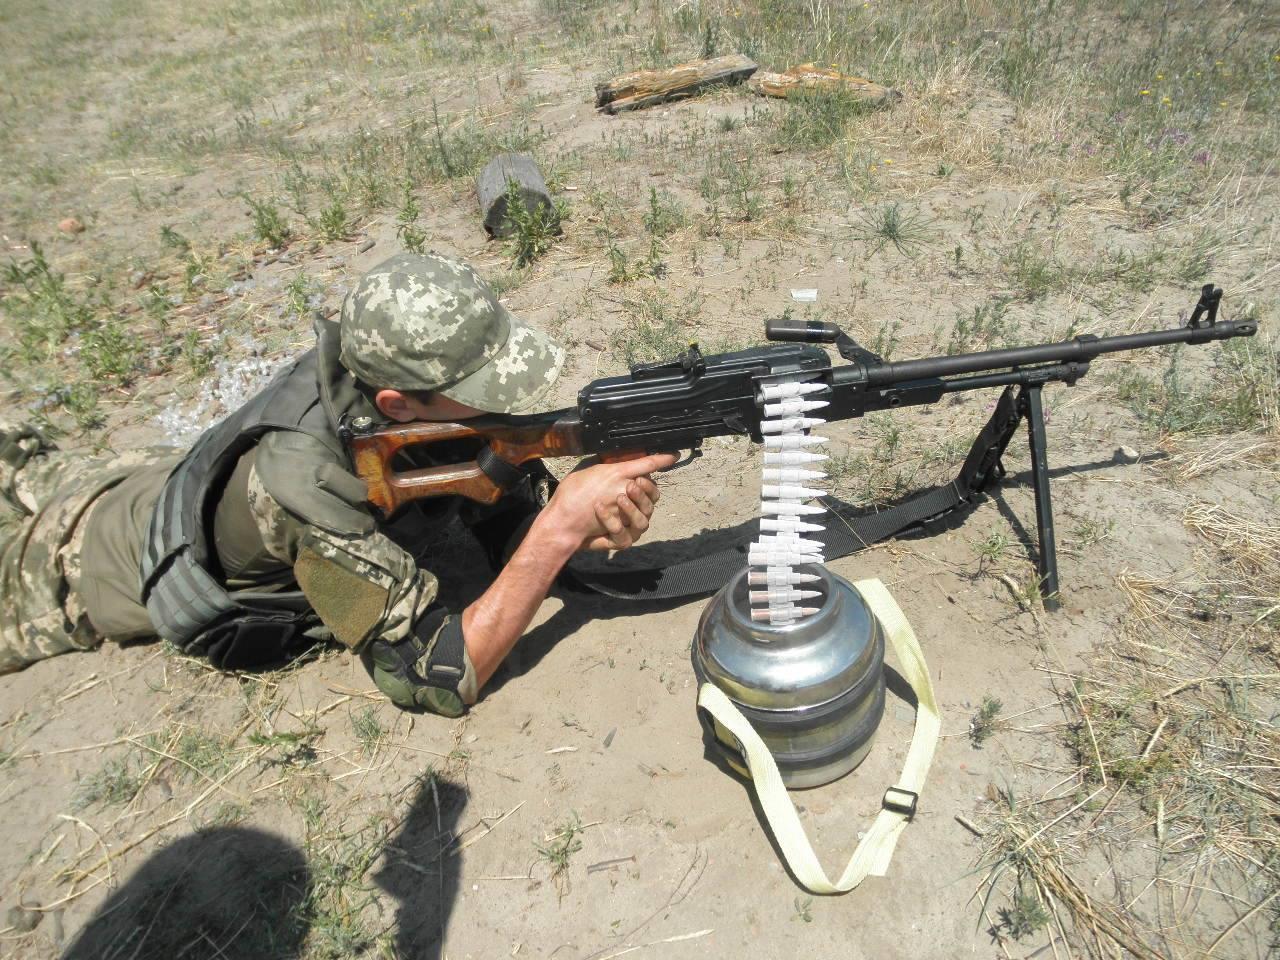 В Україні до кулемету Калашникова створено унікальну термопластикову стрічку для подачі набоїв